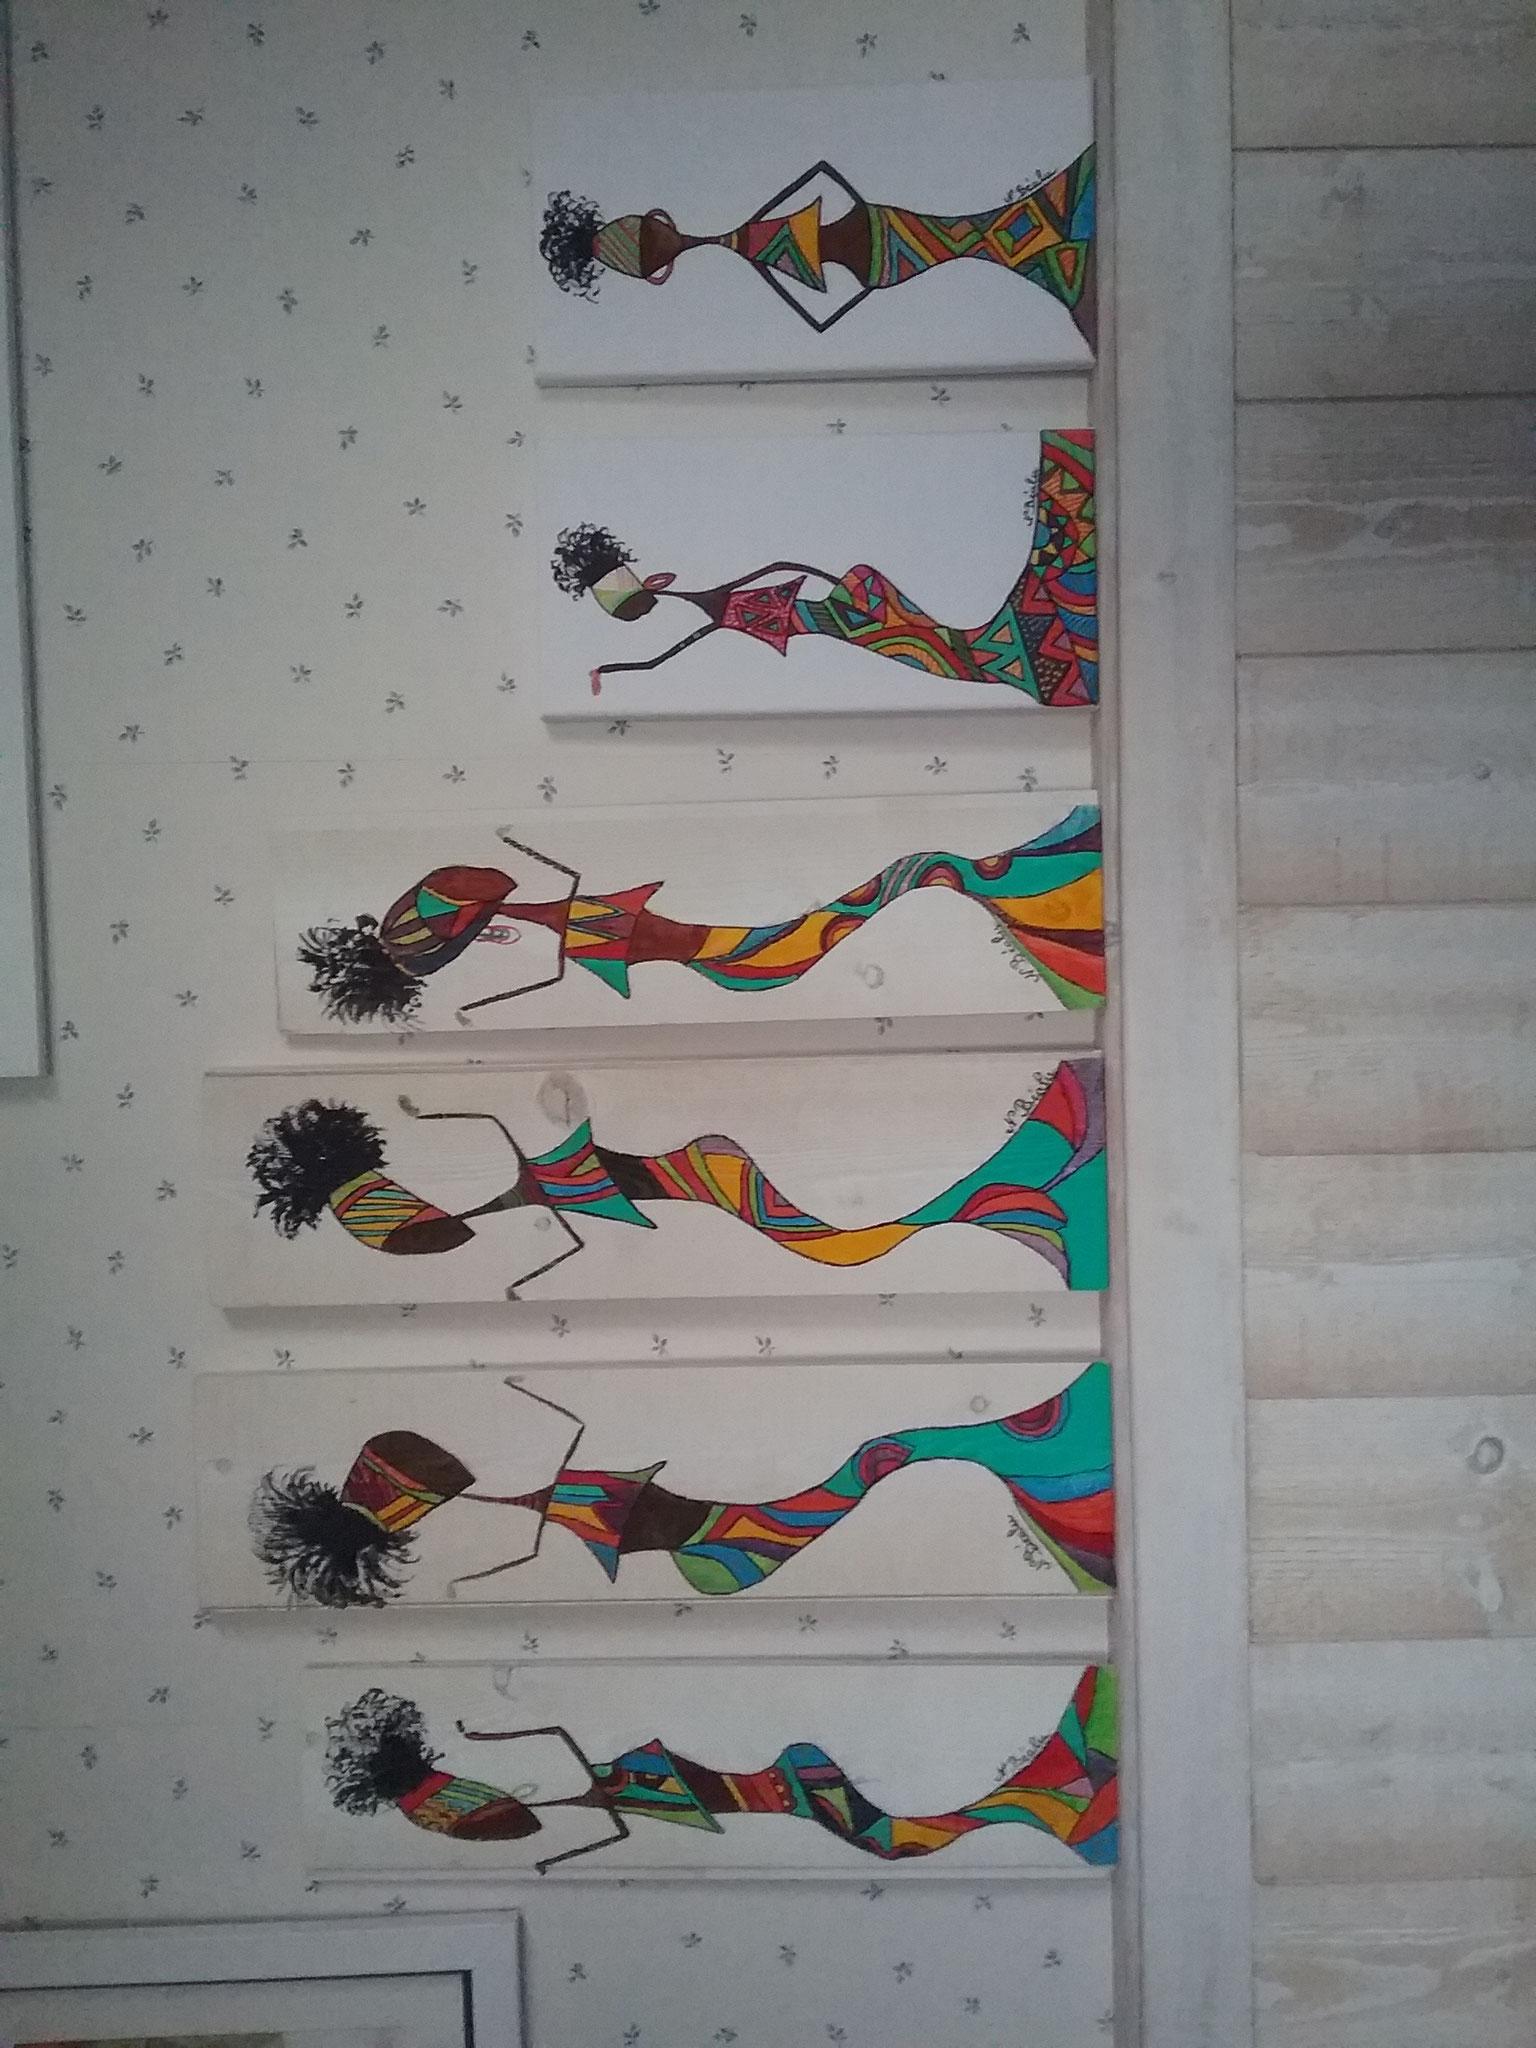 et Nadine du 47, très créative aussi, nous présente ses belles silhouettes en peinture, je crois...